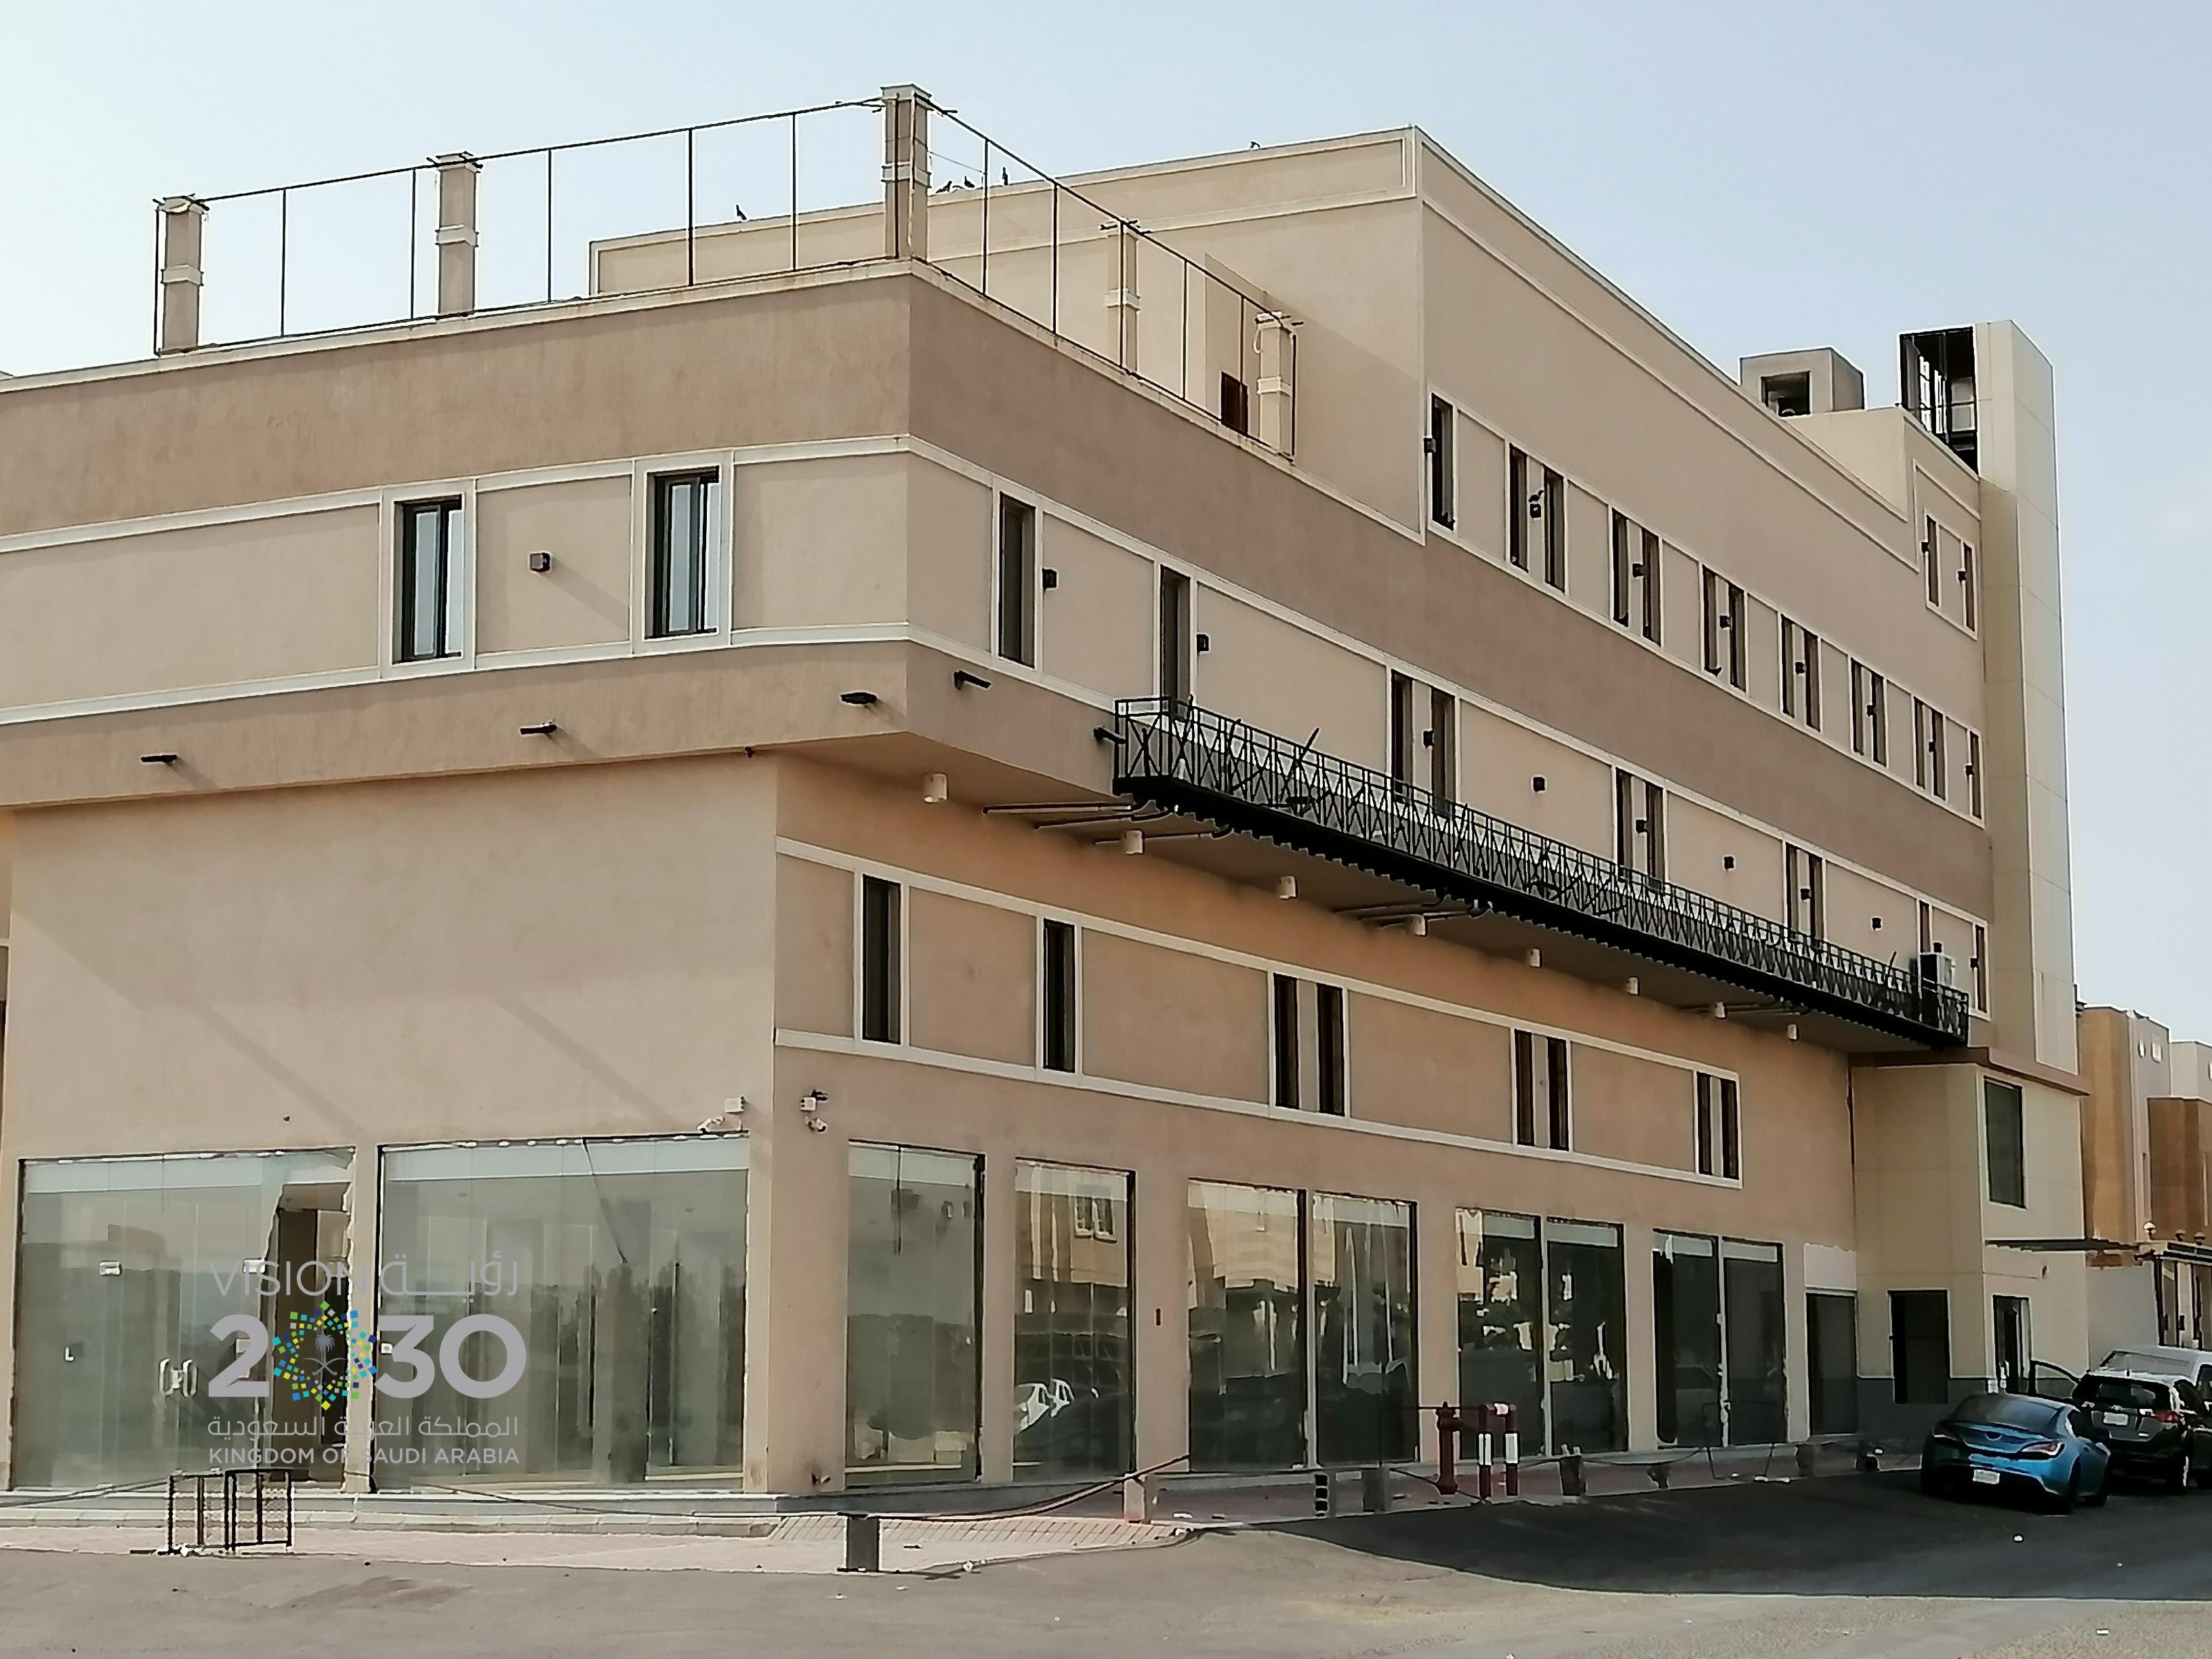 مشروع معارض تجارية بمساحات مختلفة و شقق سكنية  فندقية  بمركز  بحي الحمدانية  بجدة